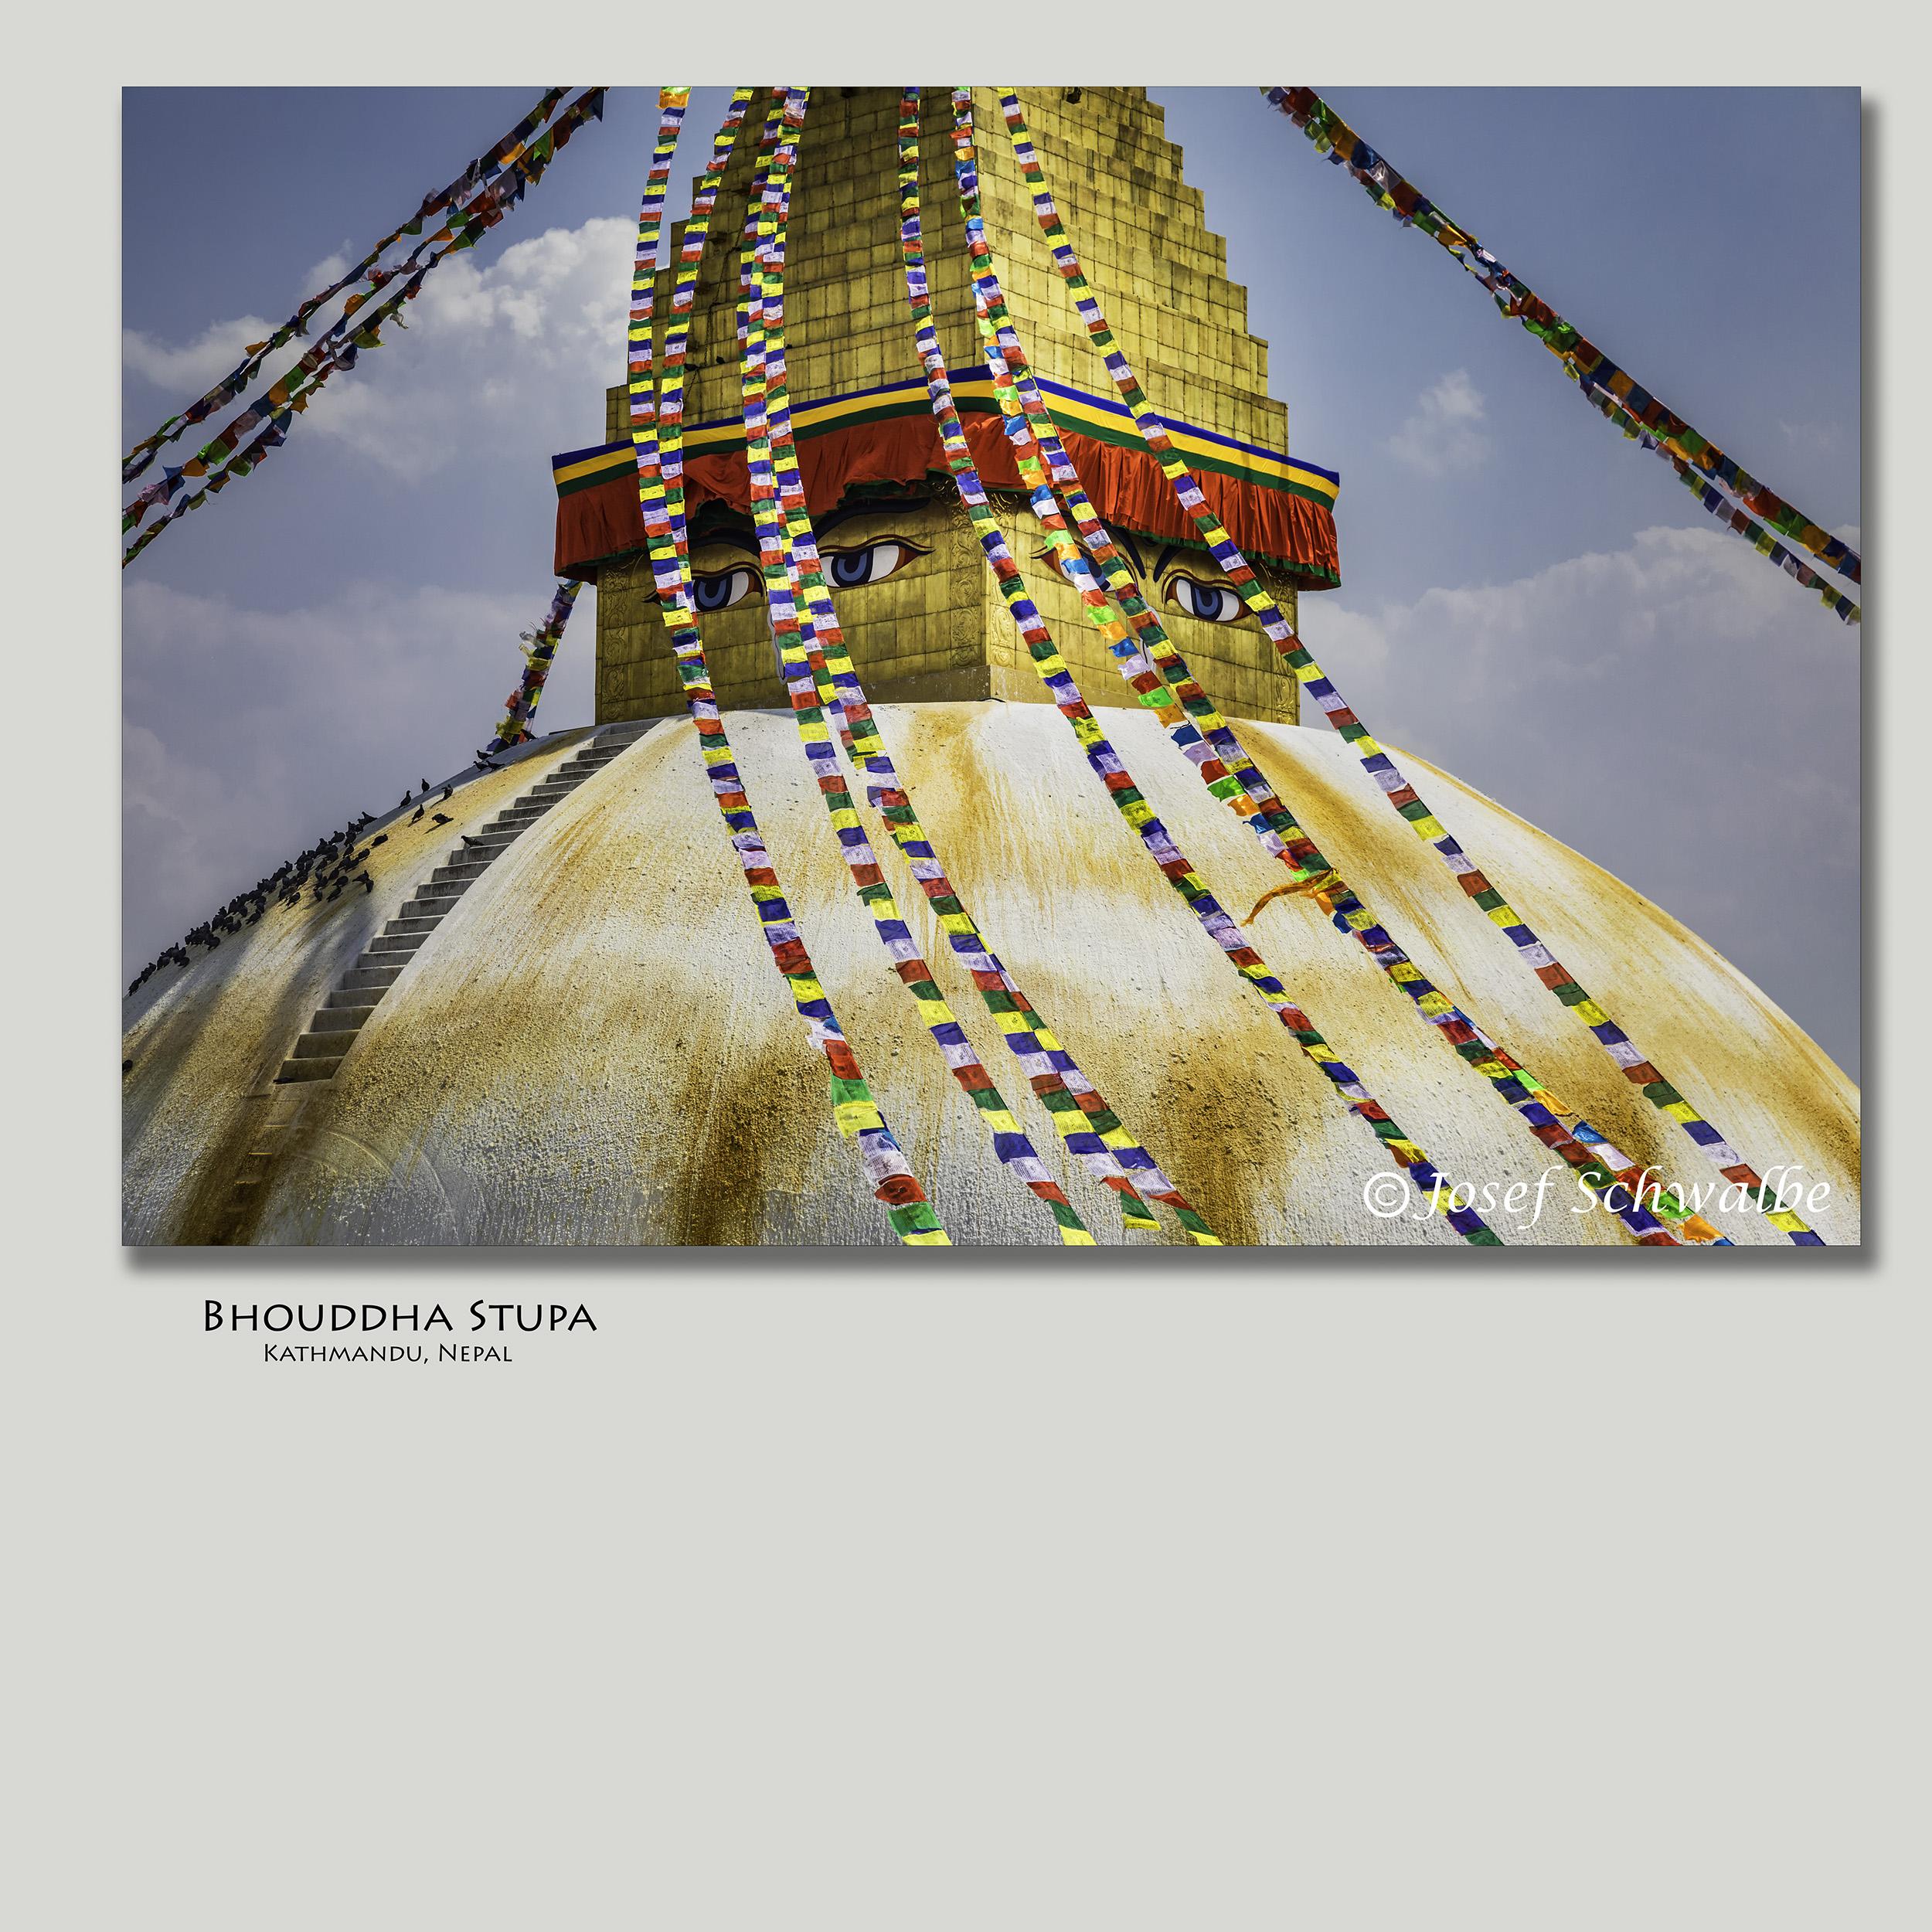 BhouddhaStupa.jpg